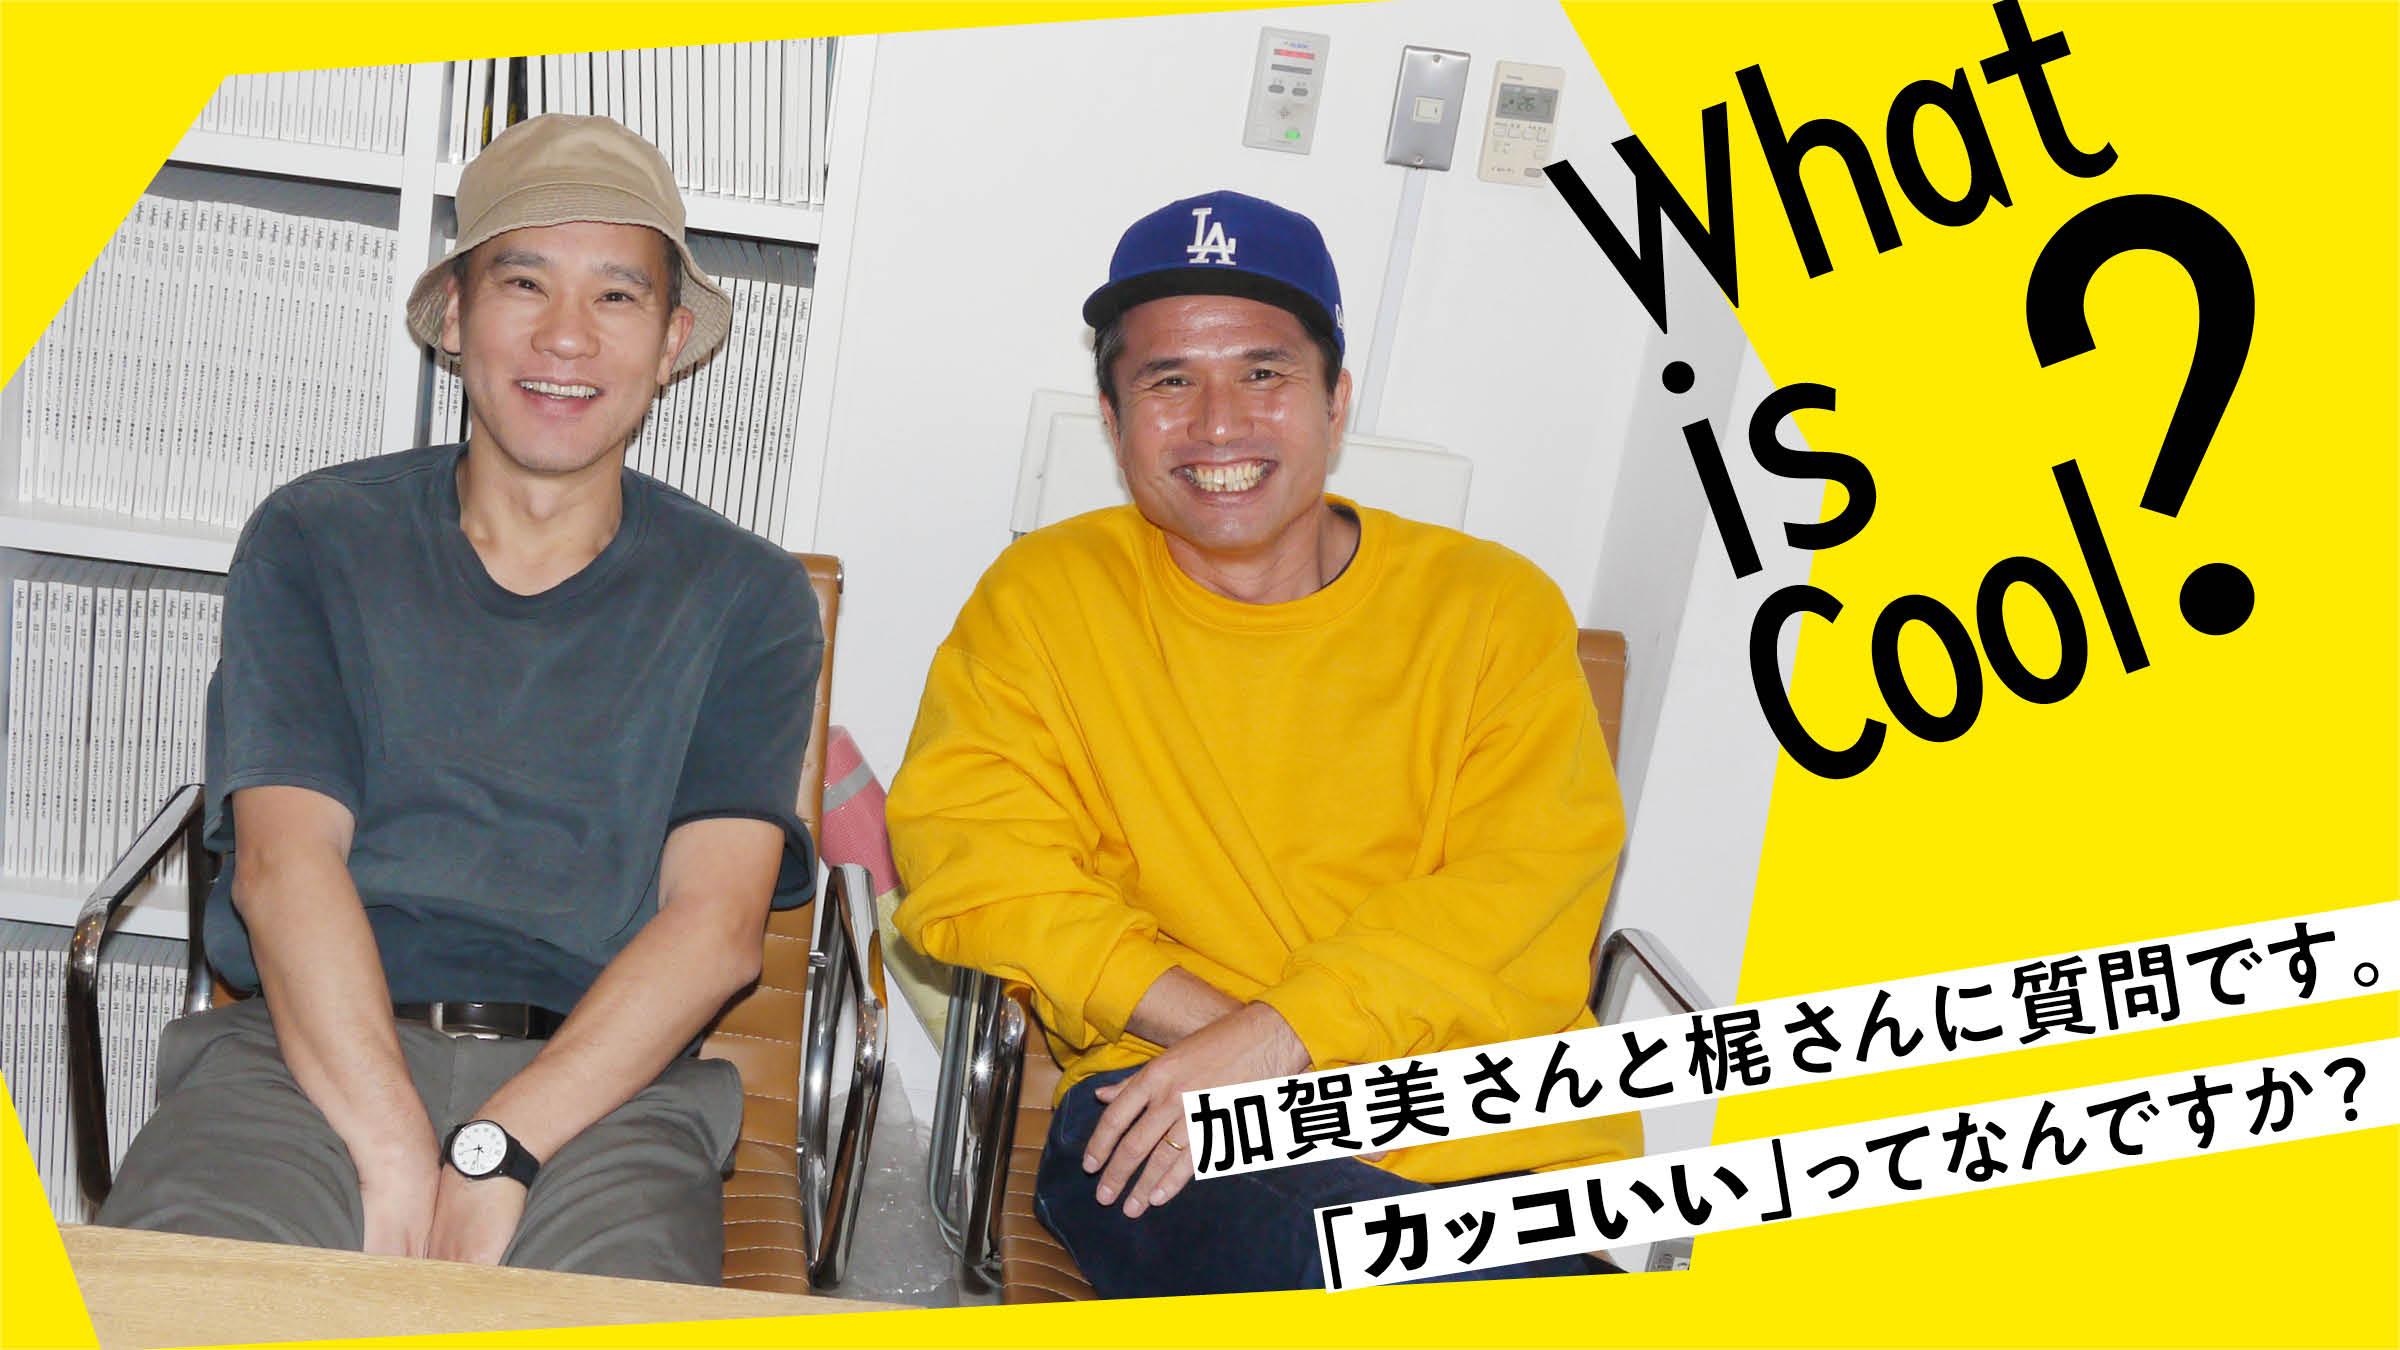 加賀美さんと梶さんに質問です。 「カッコいい」ってなんですか?